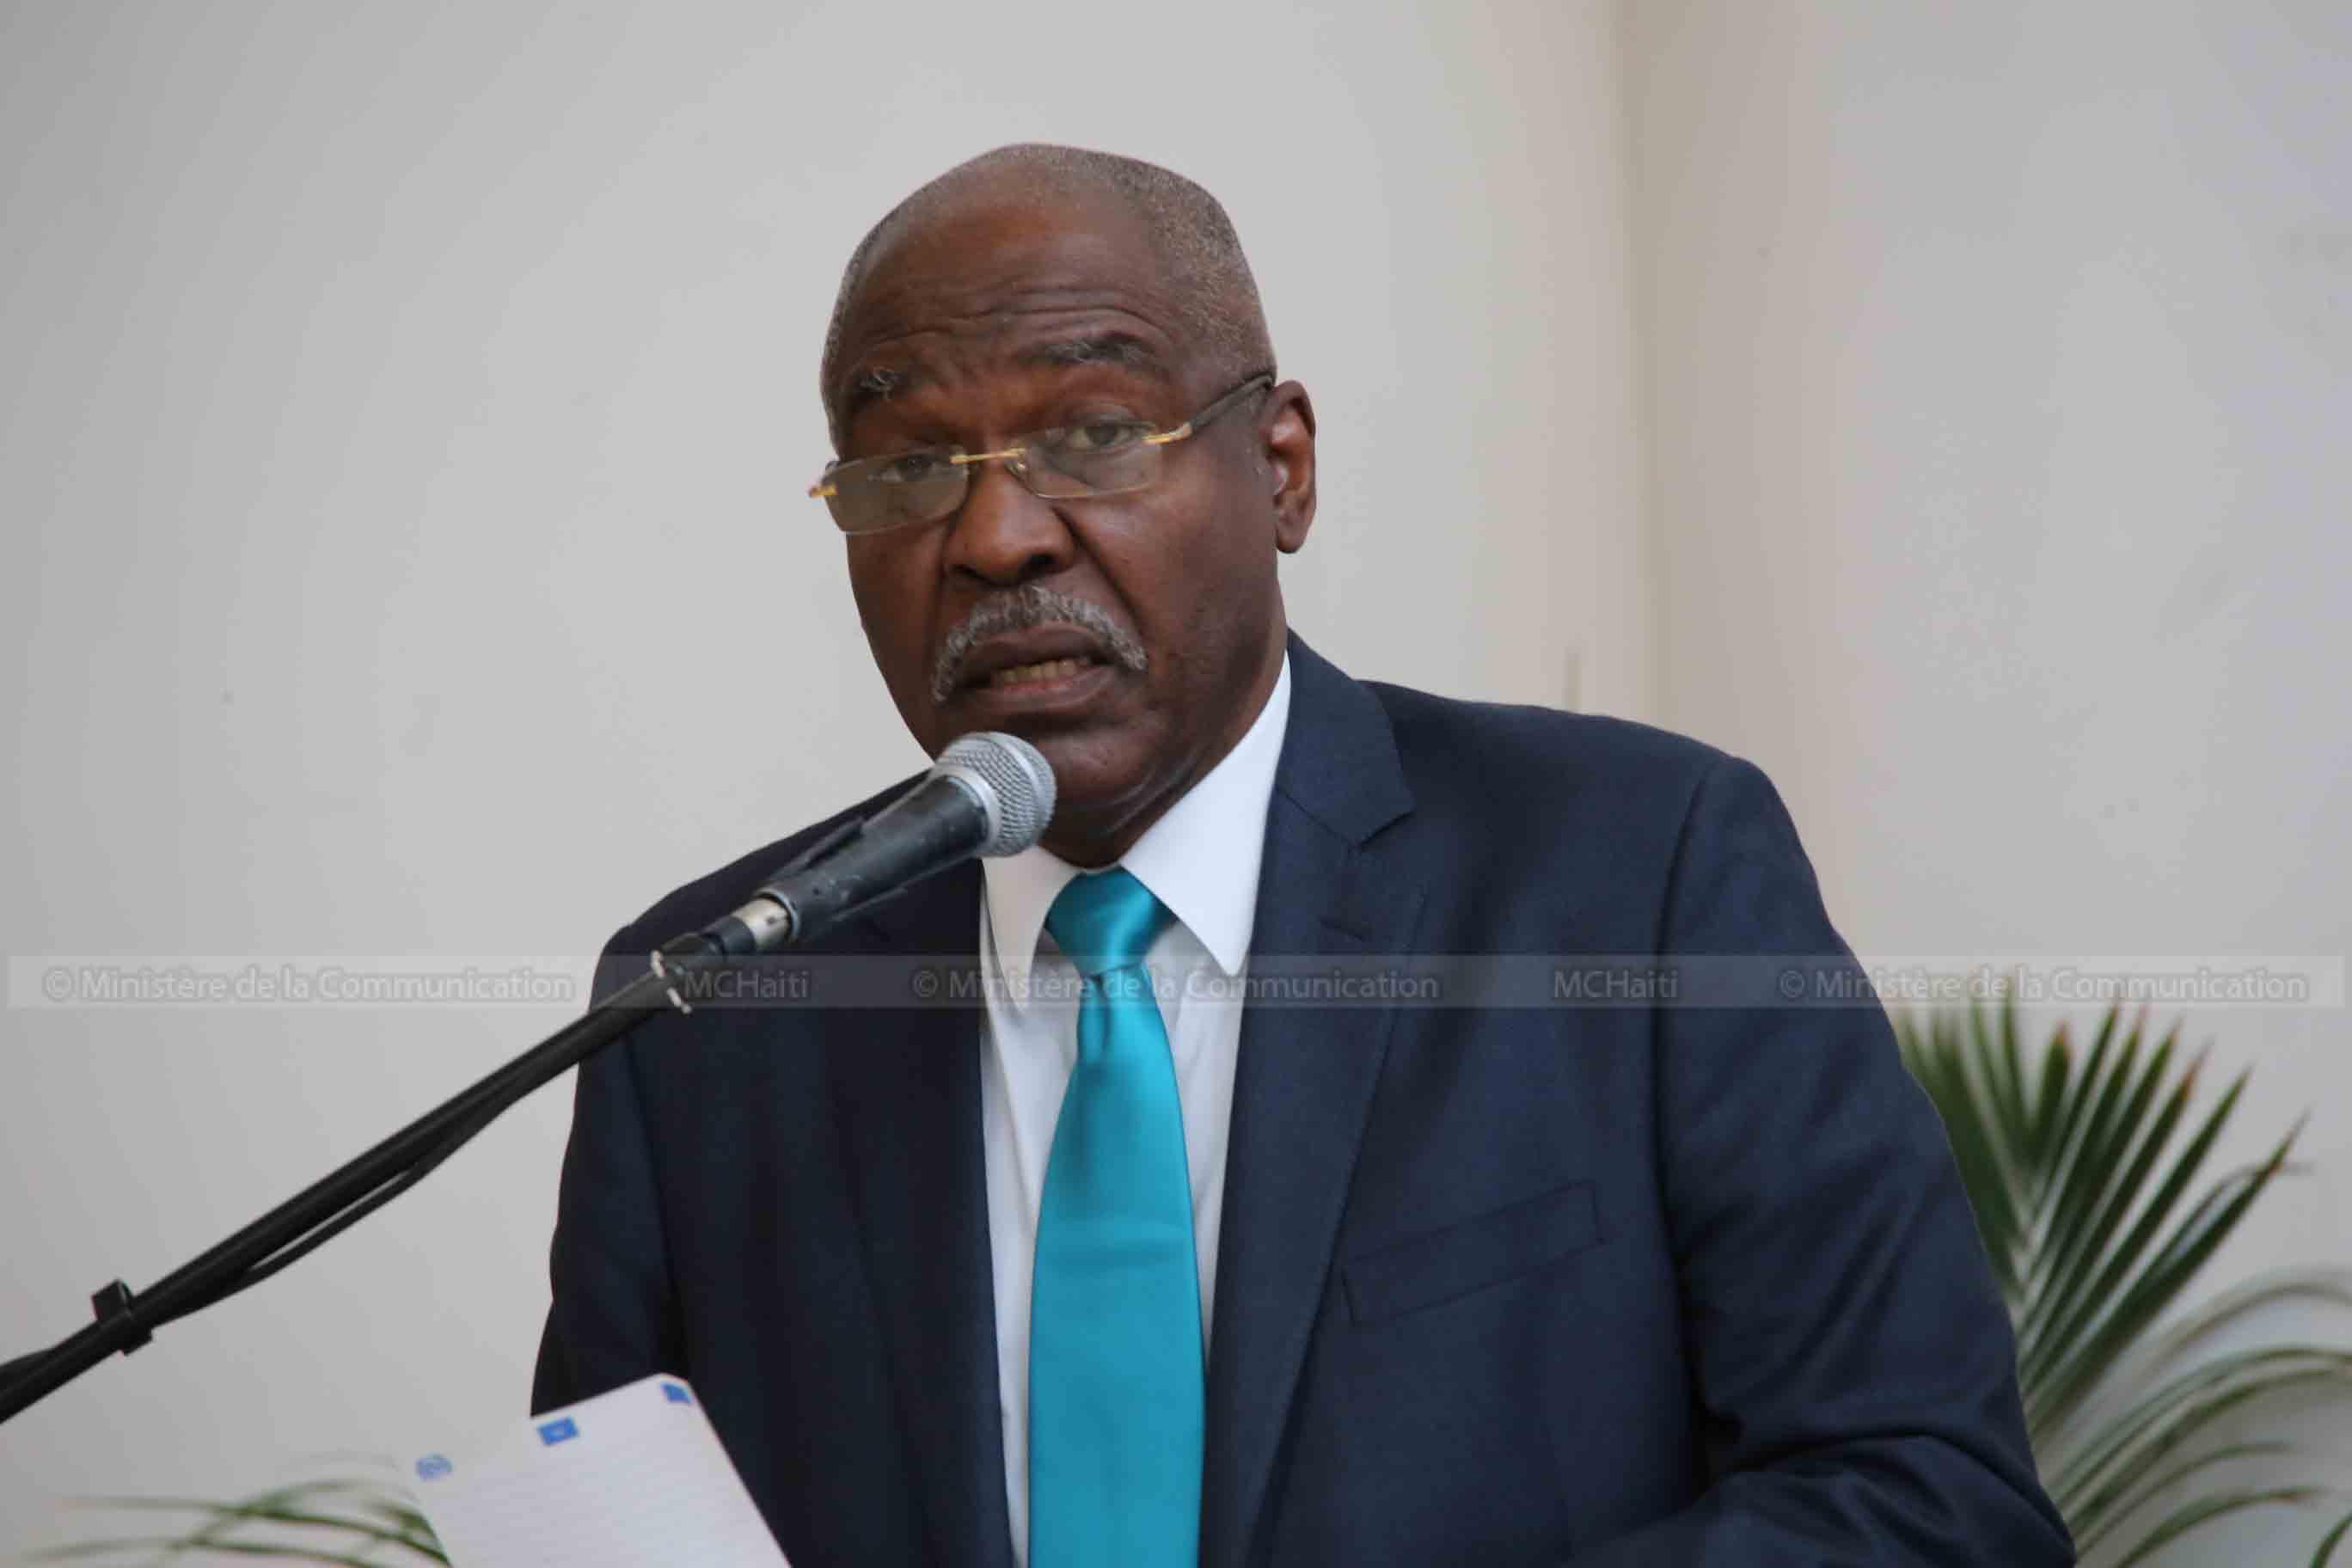 Le Dircteur Général de l'Unité de Lutte contre la Corruption, David Basile, lors de l'atelier de travail sur la corruption organisé par la commission Justice et sécurité de la Chambre des députés.